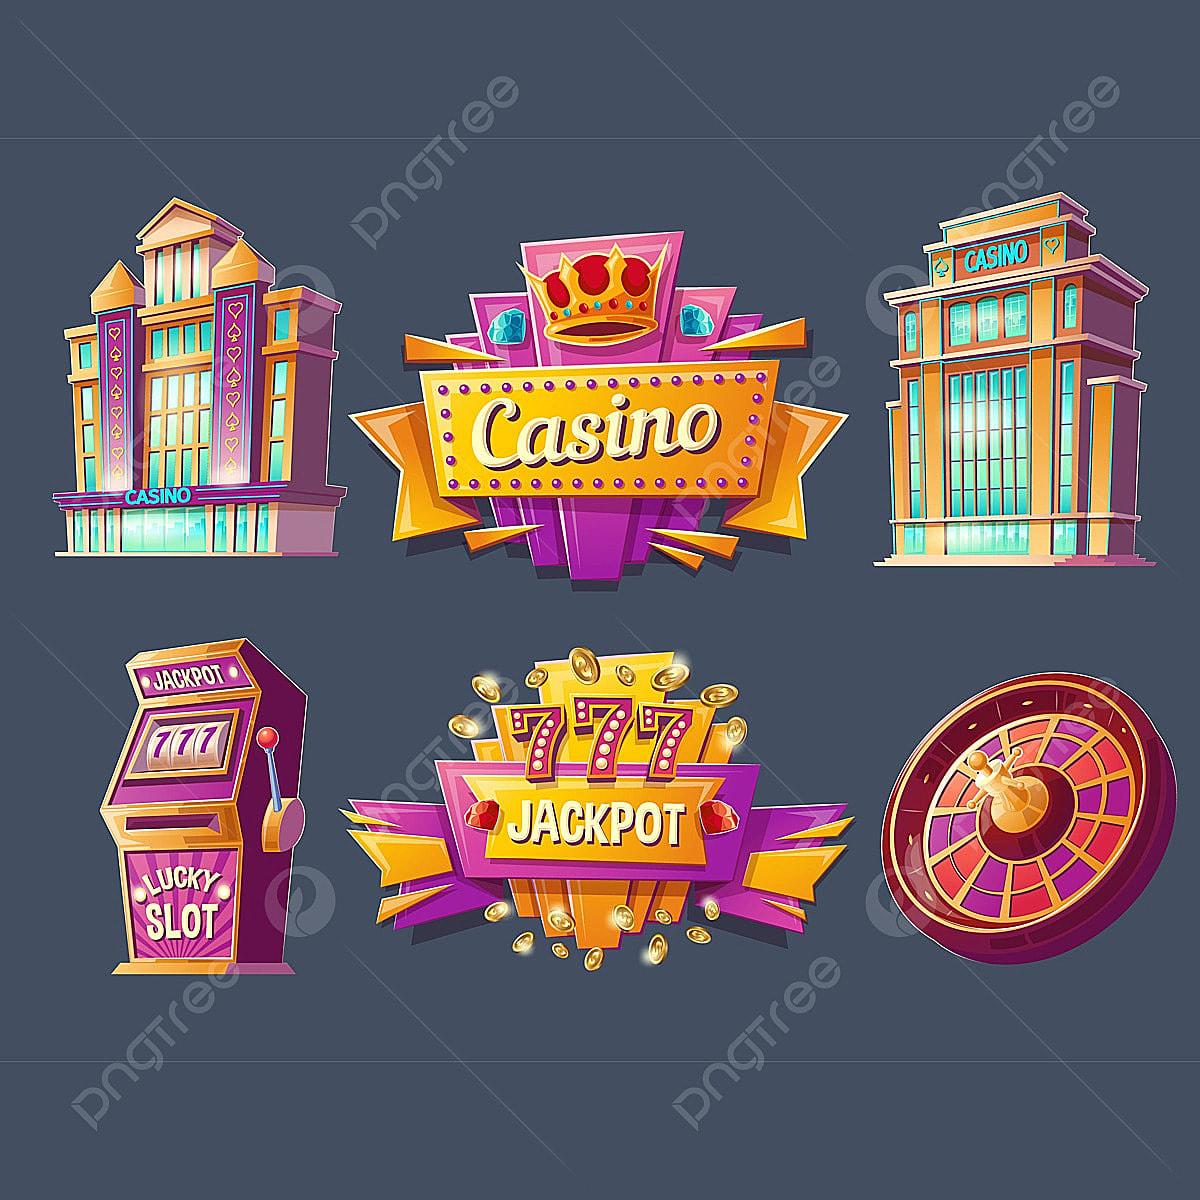 Ignition casino bonus code 2020